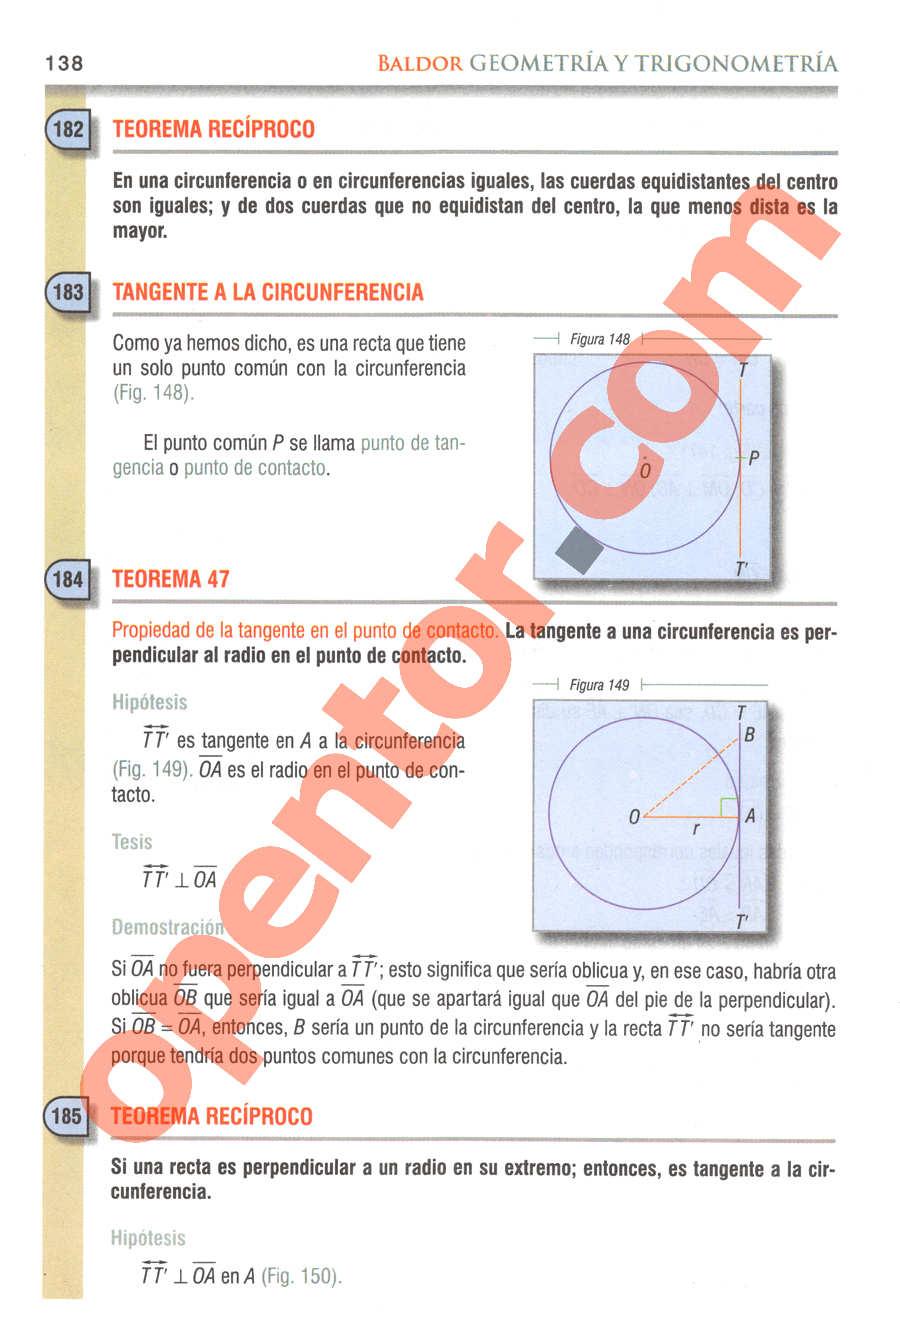 Geometría y Trigonometría de Baldor - Página 138